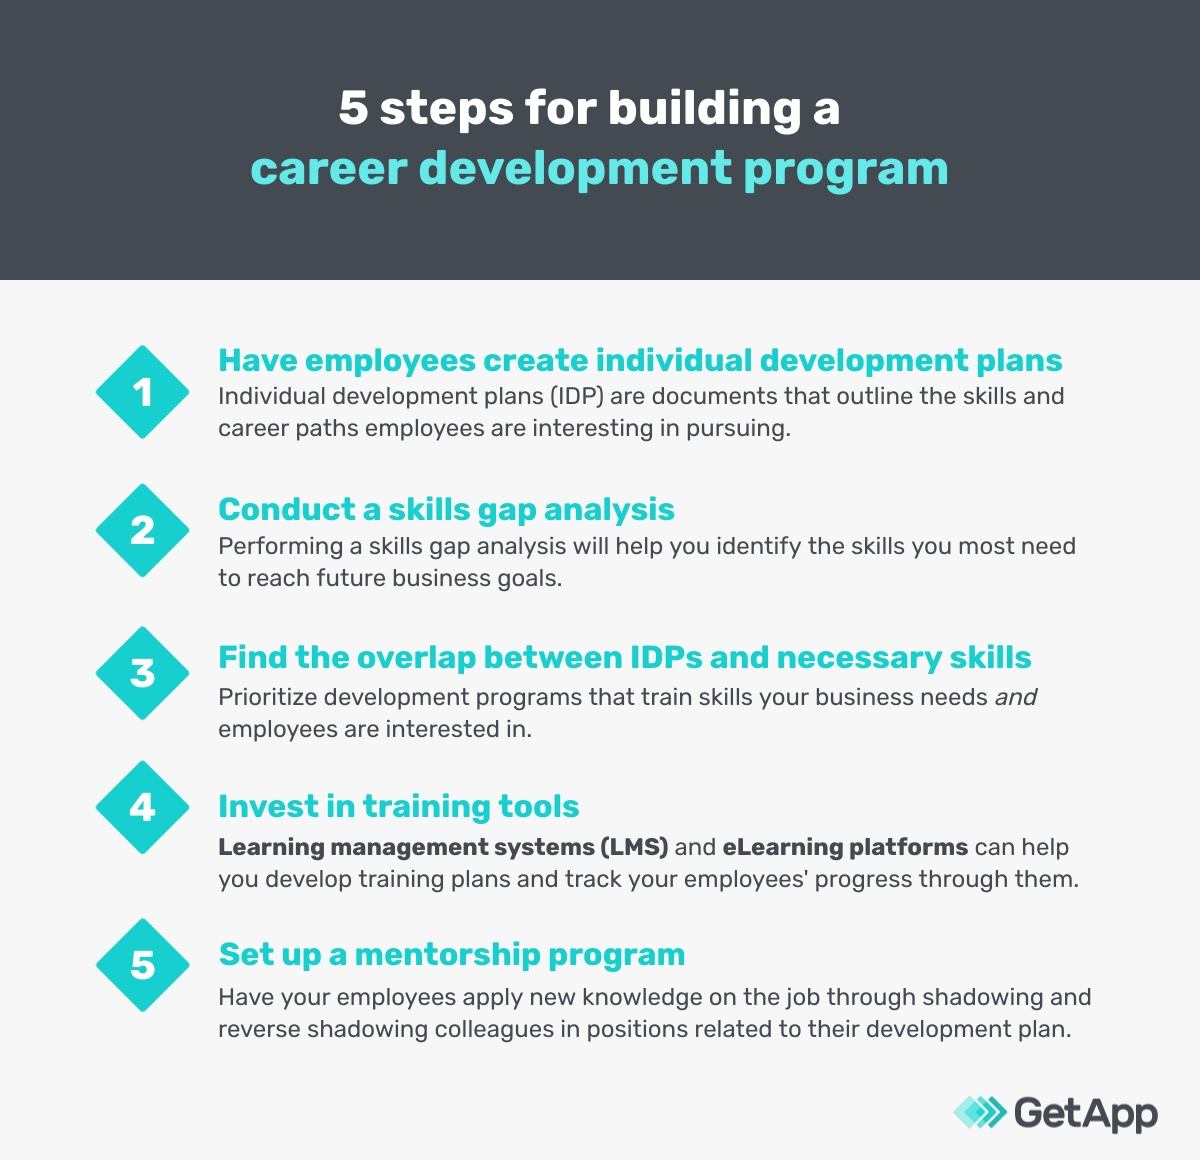 5 steps for building a career development program